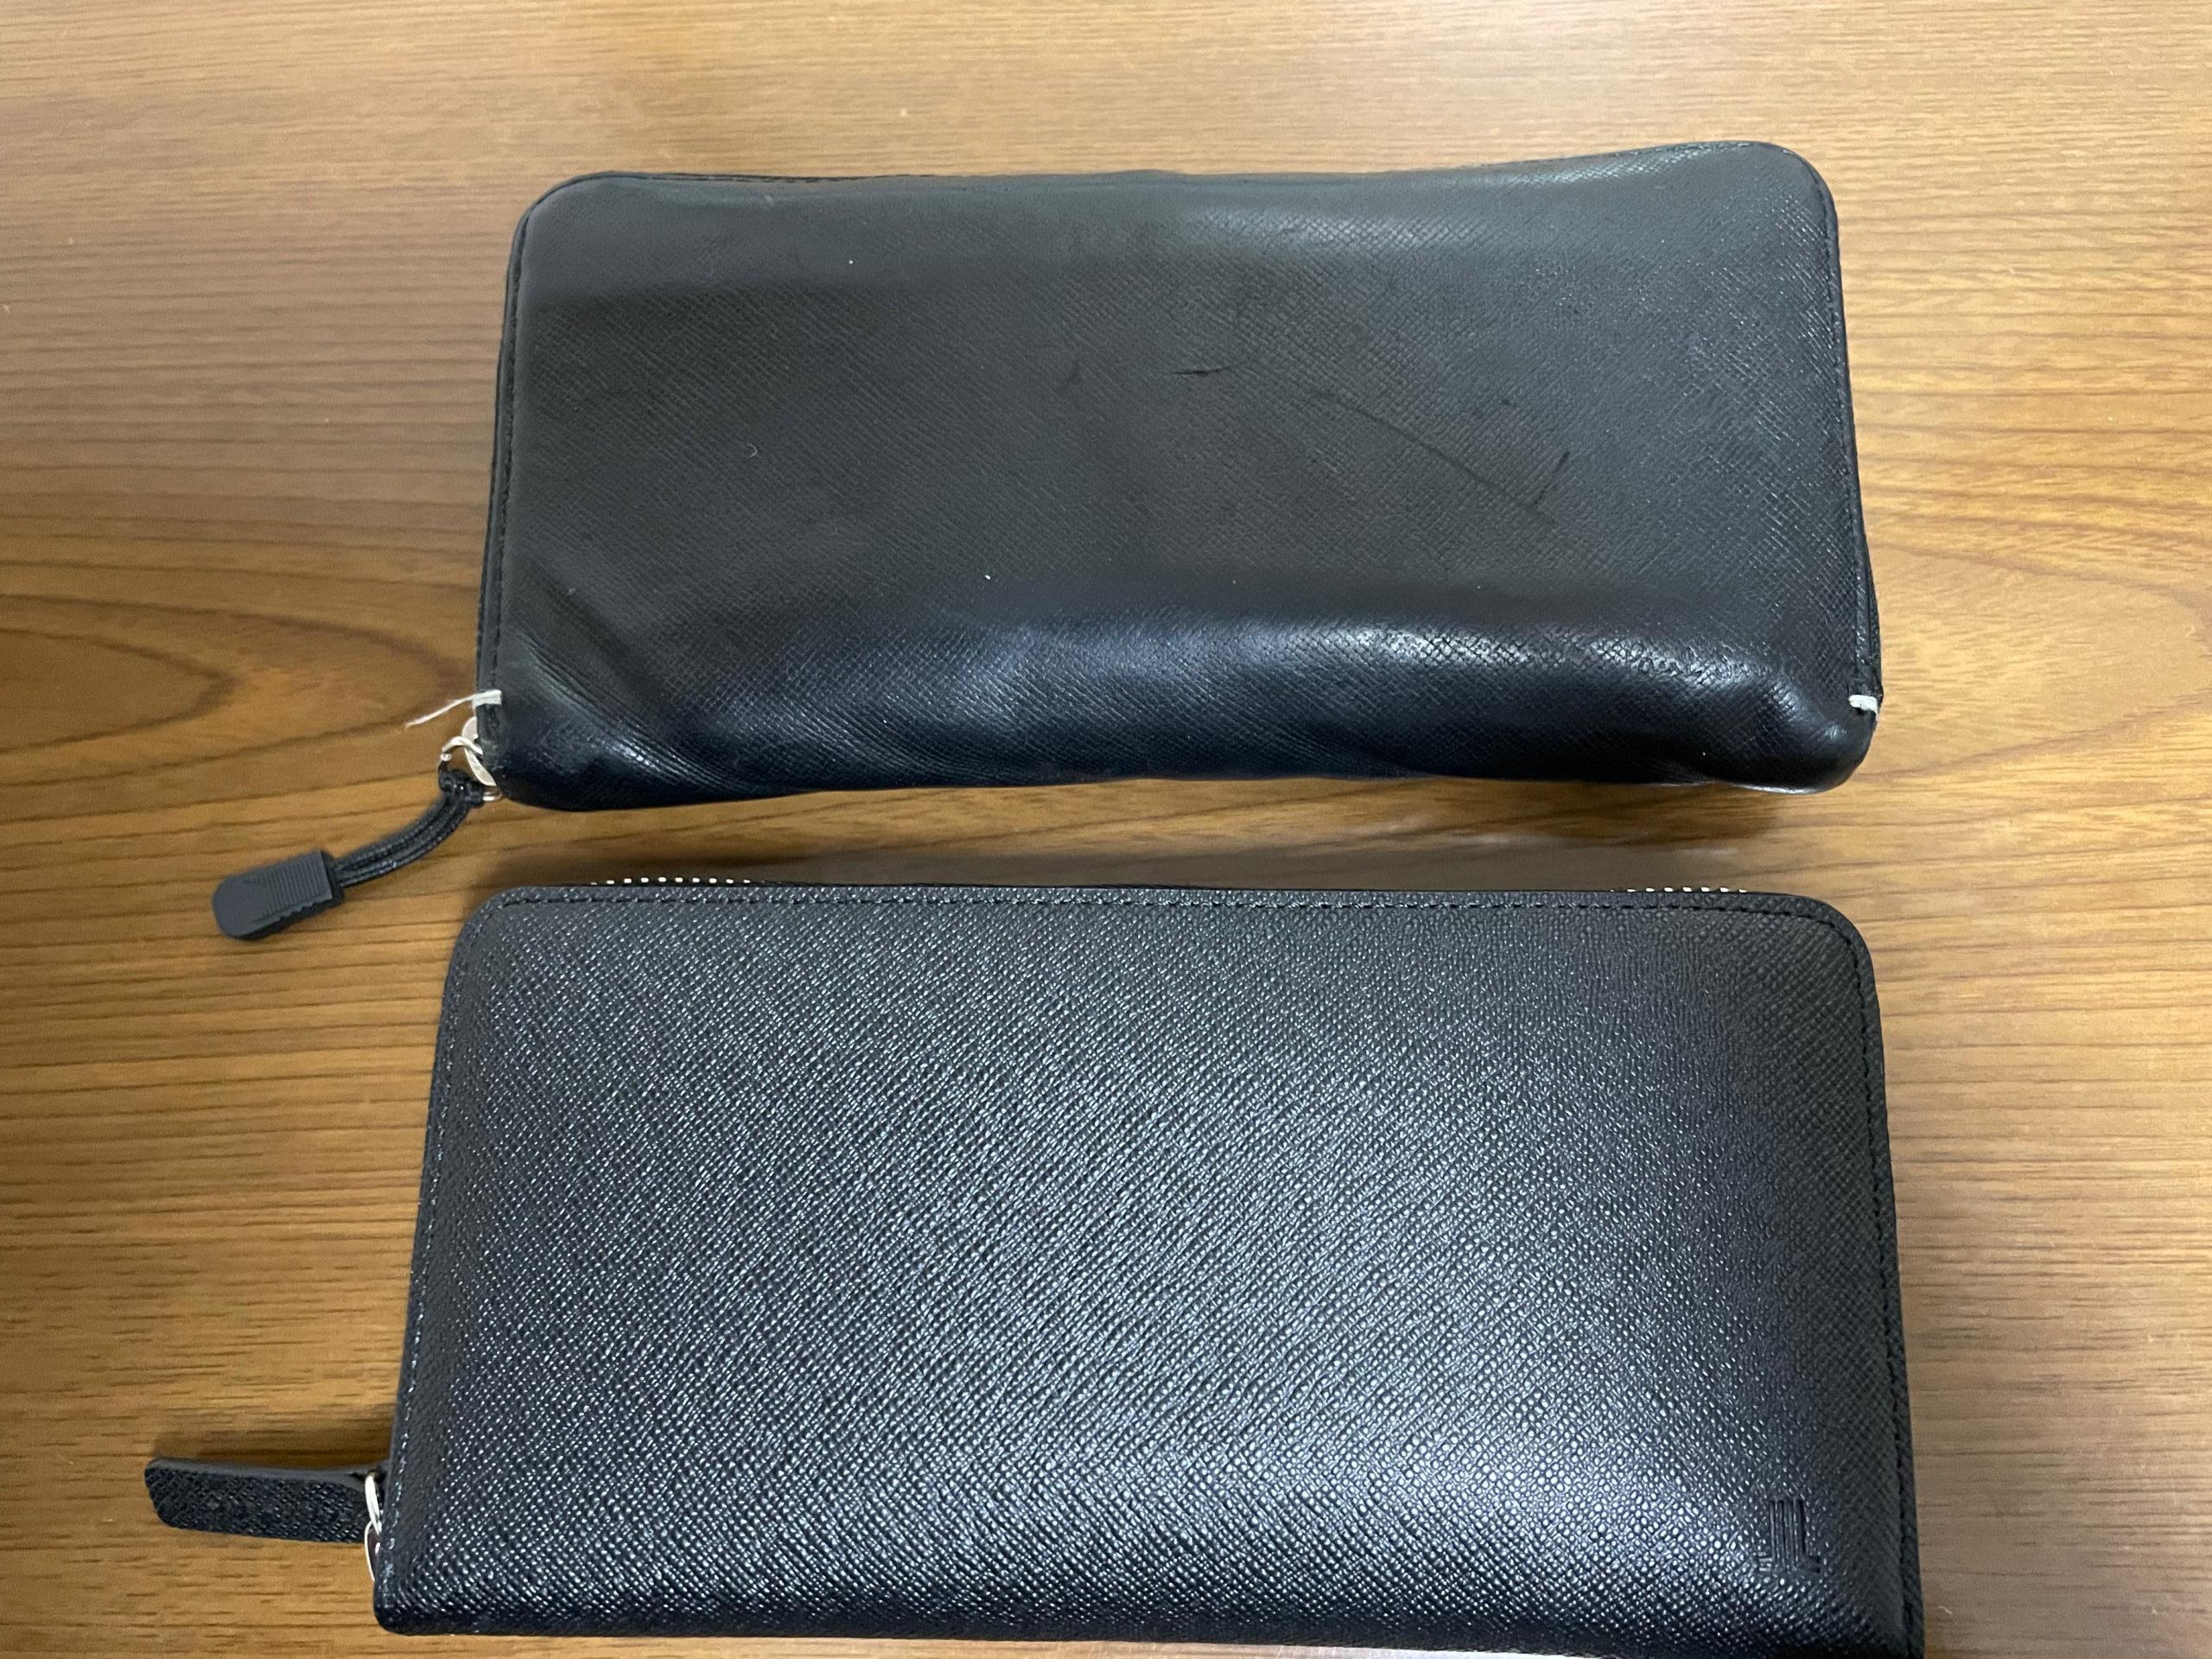 ポールスミスの財布とランバンコレクションの財布の比較